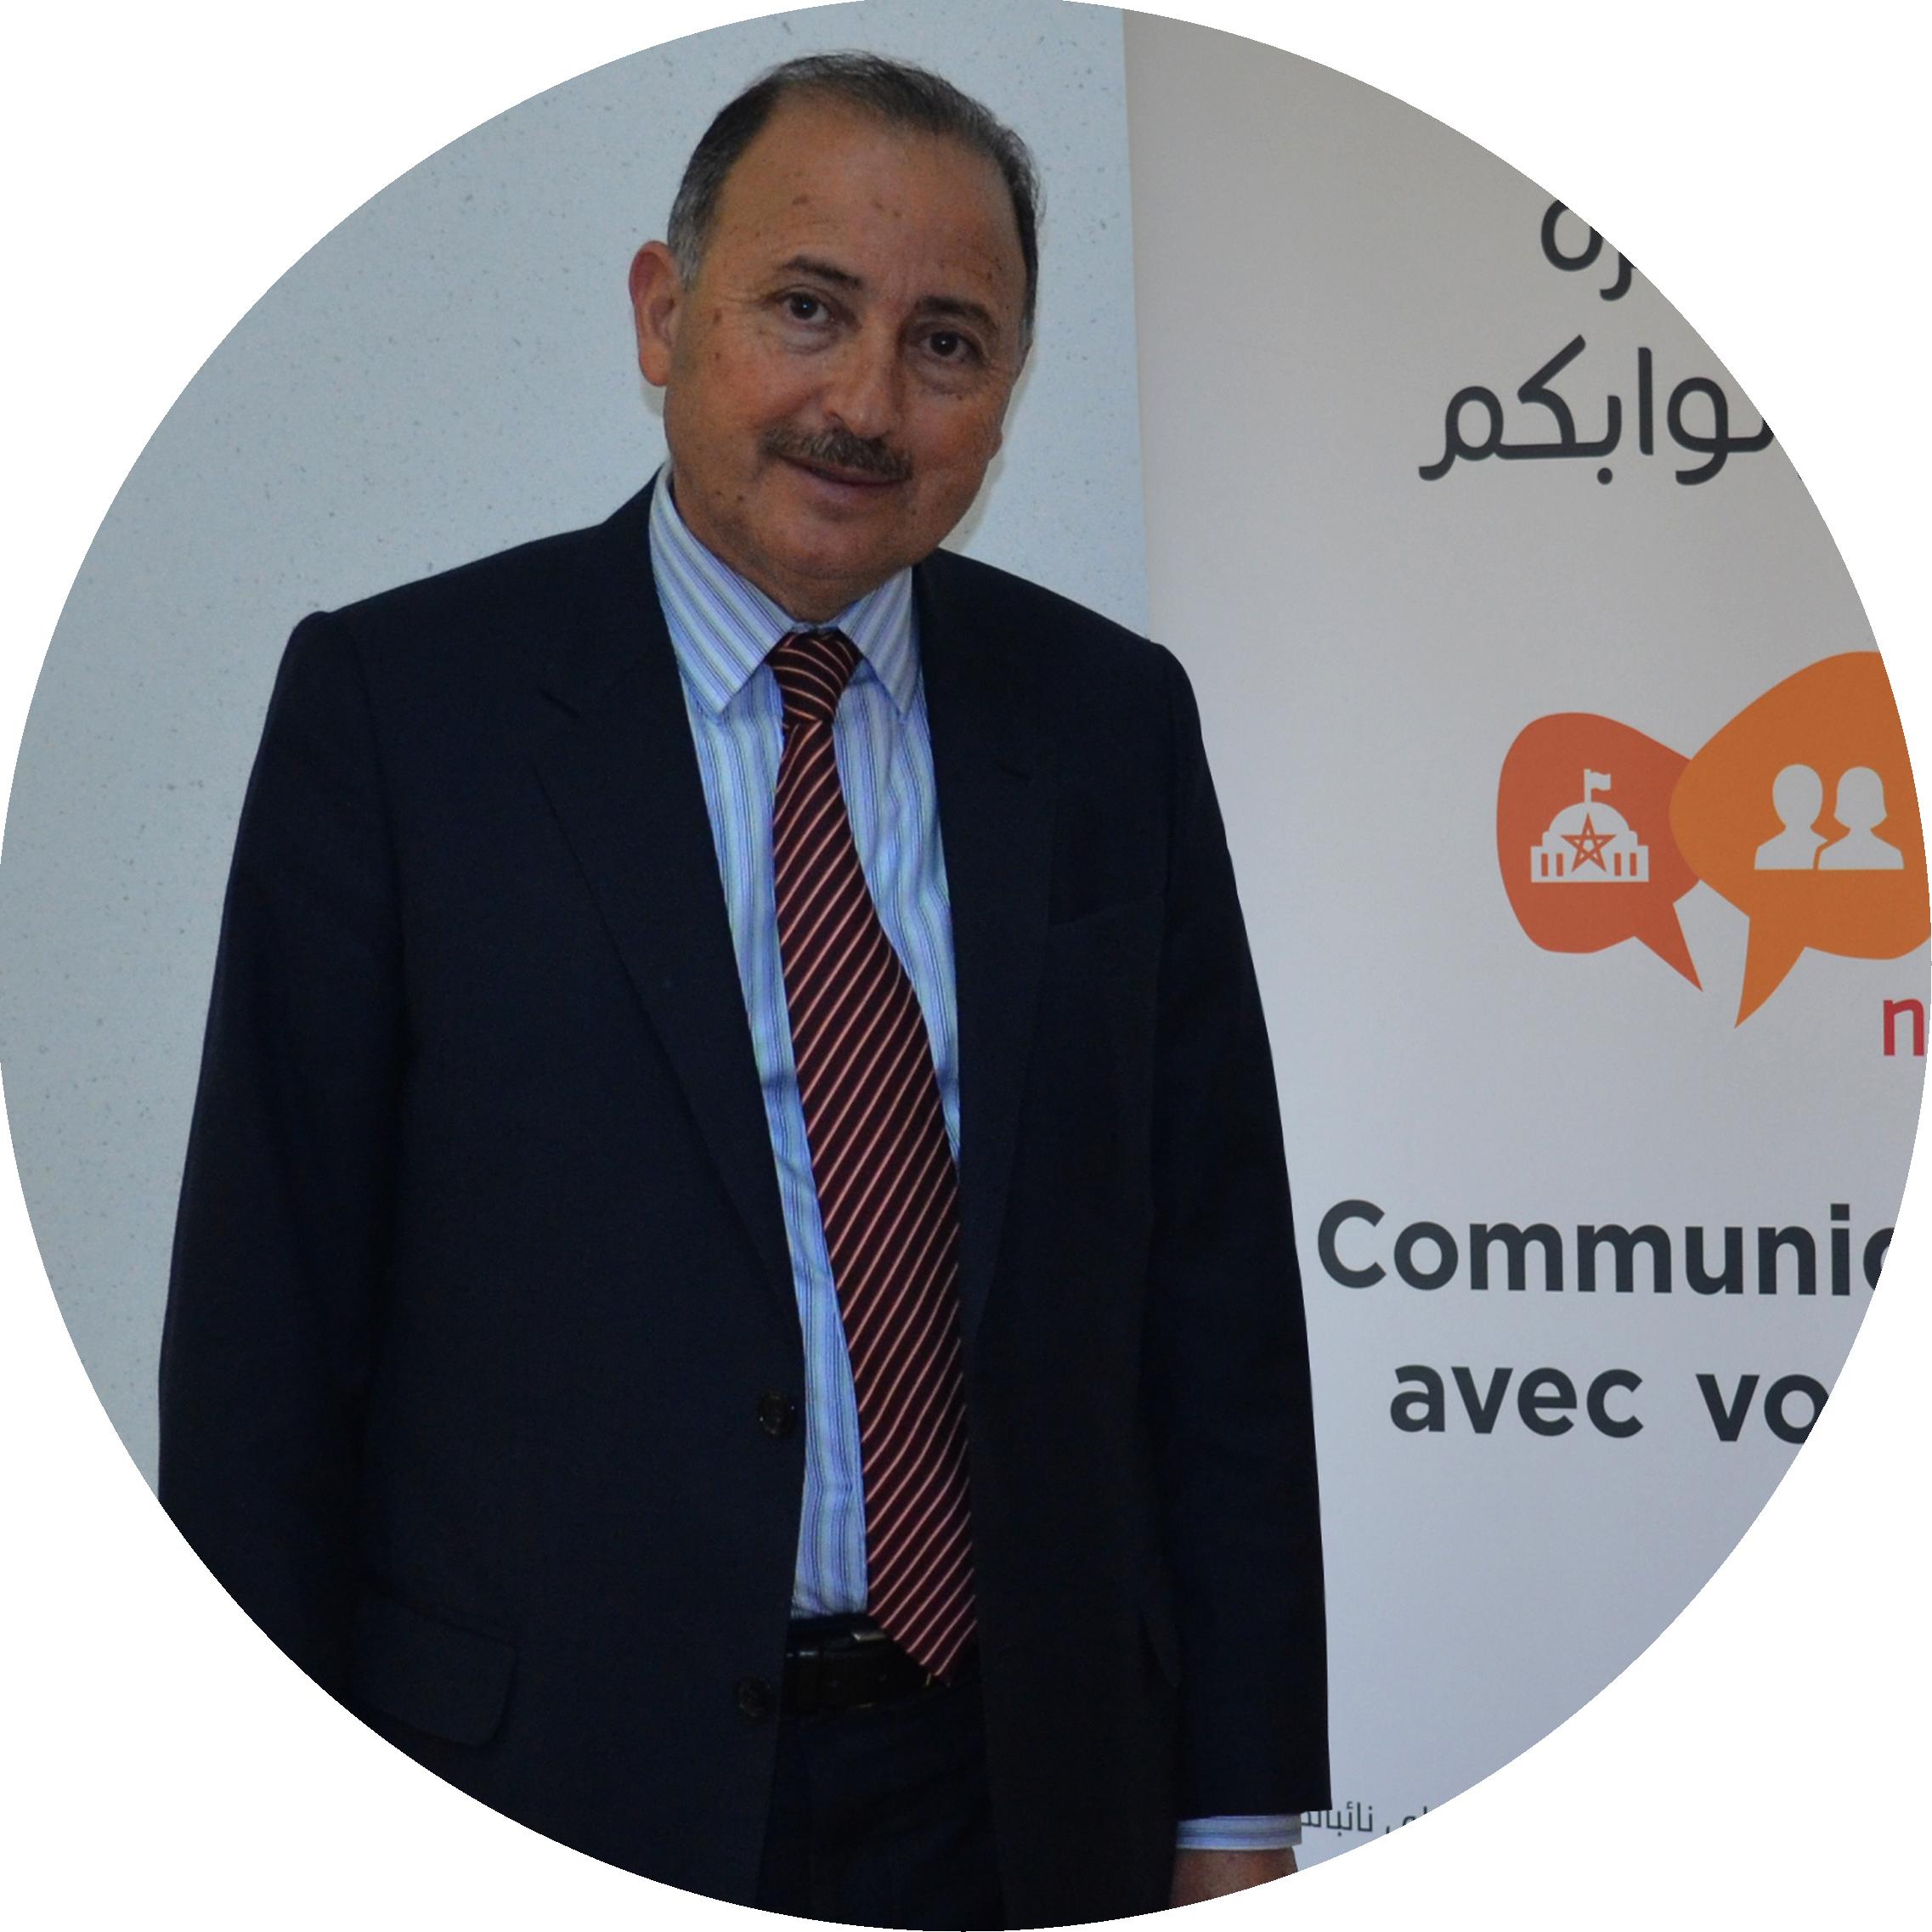 Mohamed Chrourou